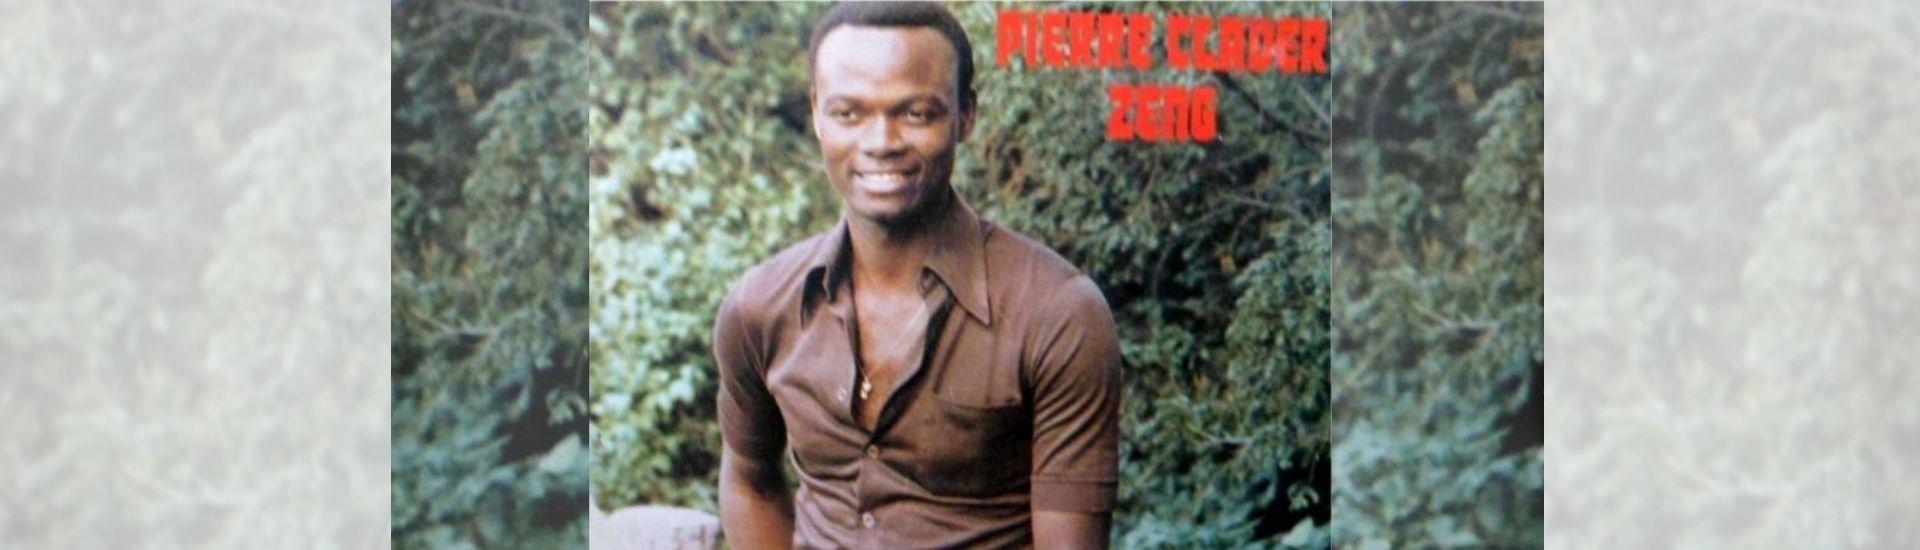 MINSILI ZANGA - Mes écrits en ligne : Pierre-Claver ZENG, érudit de la musique